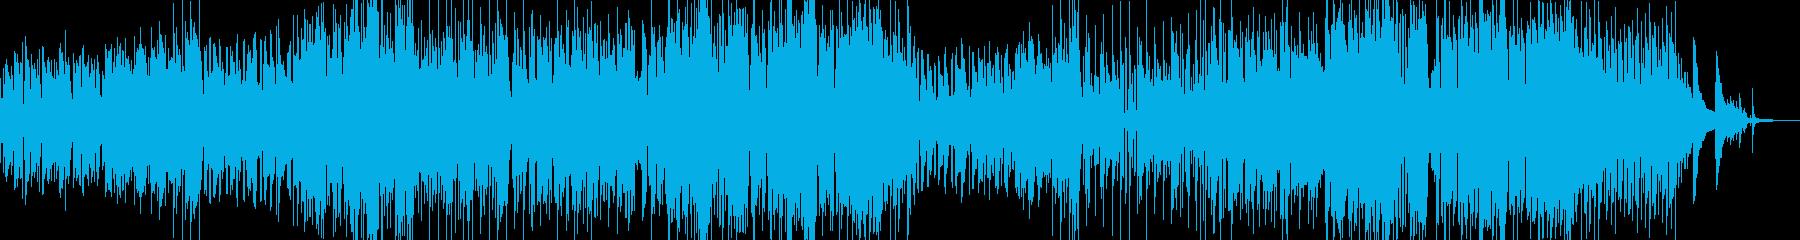 木管のメルヘンチックなスィングワルツの再生済みの波形